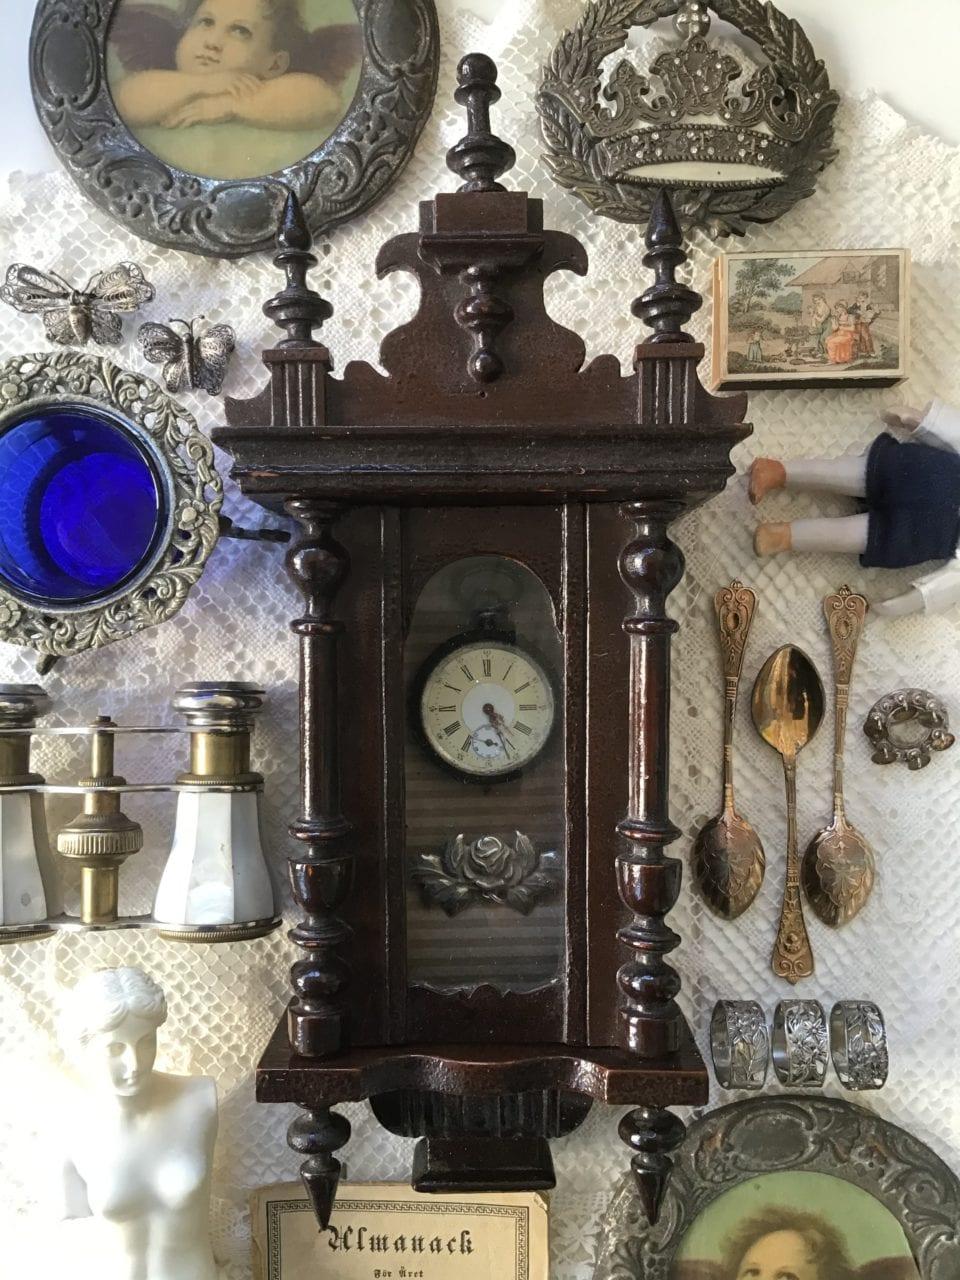 Mrs. walker antique & design